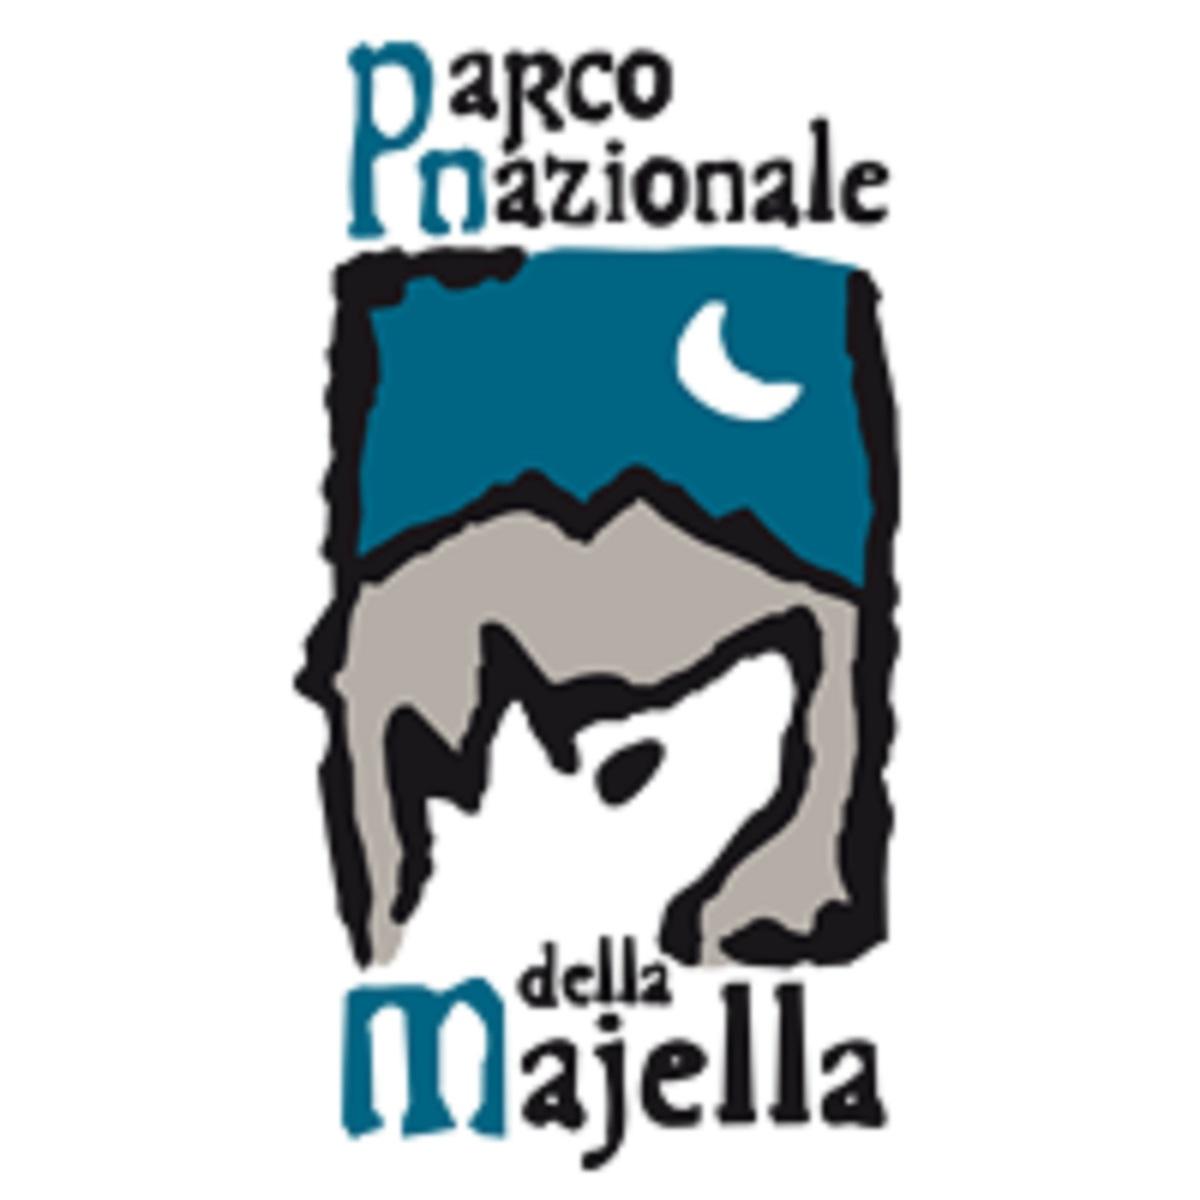 Parco Nazionale della Majella finanziamenti ricevuti foto